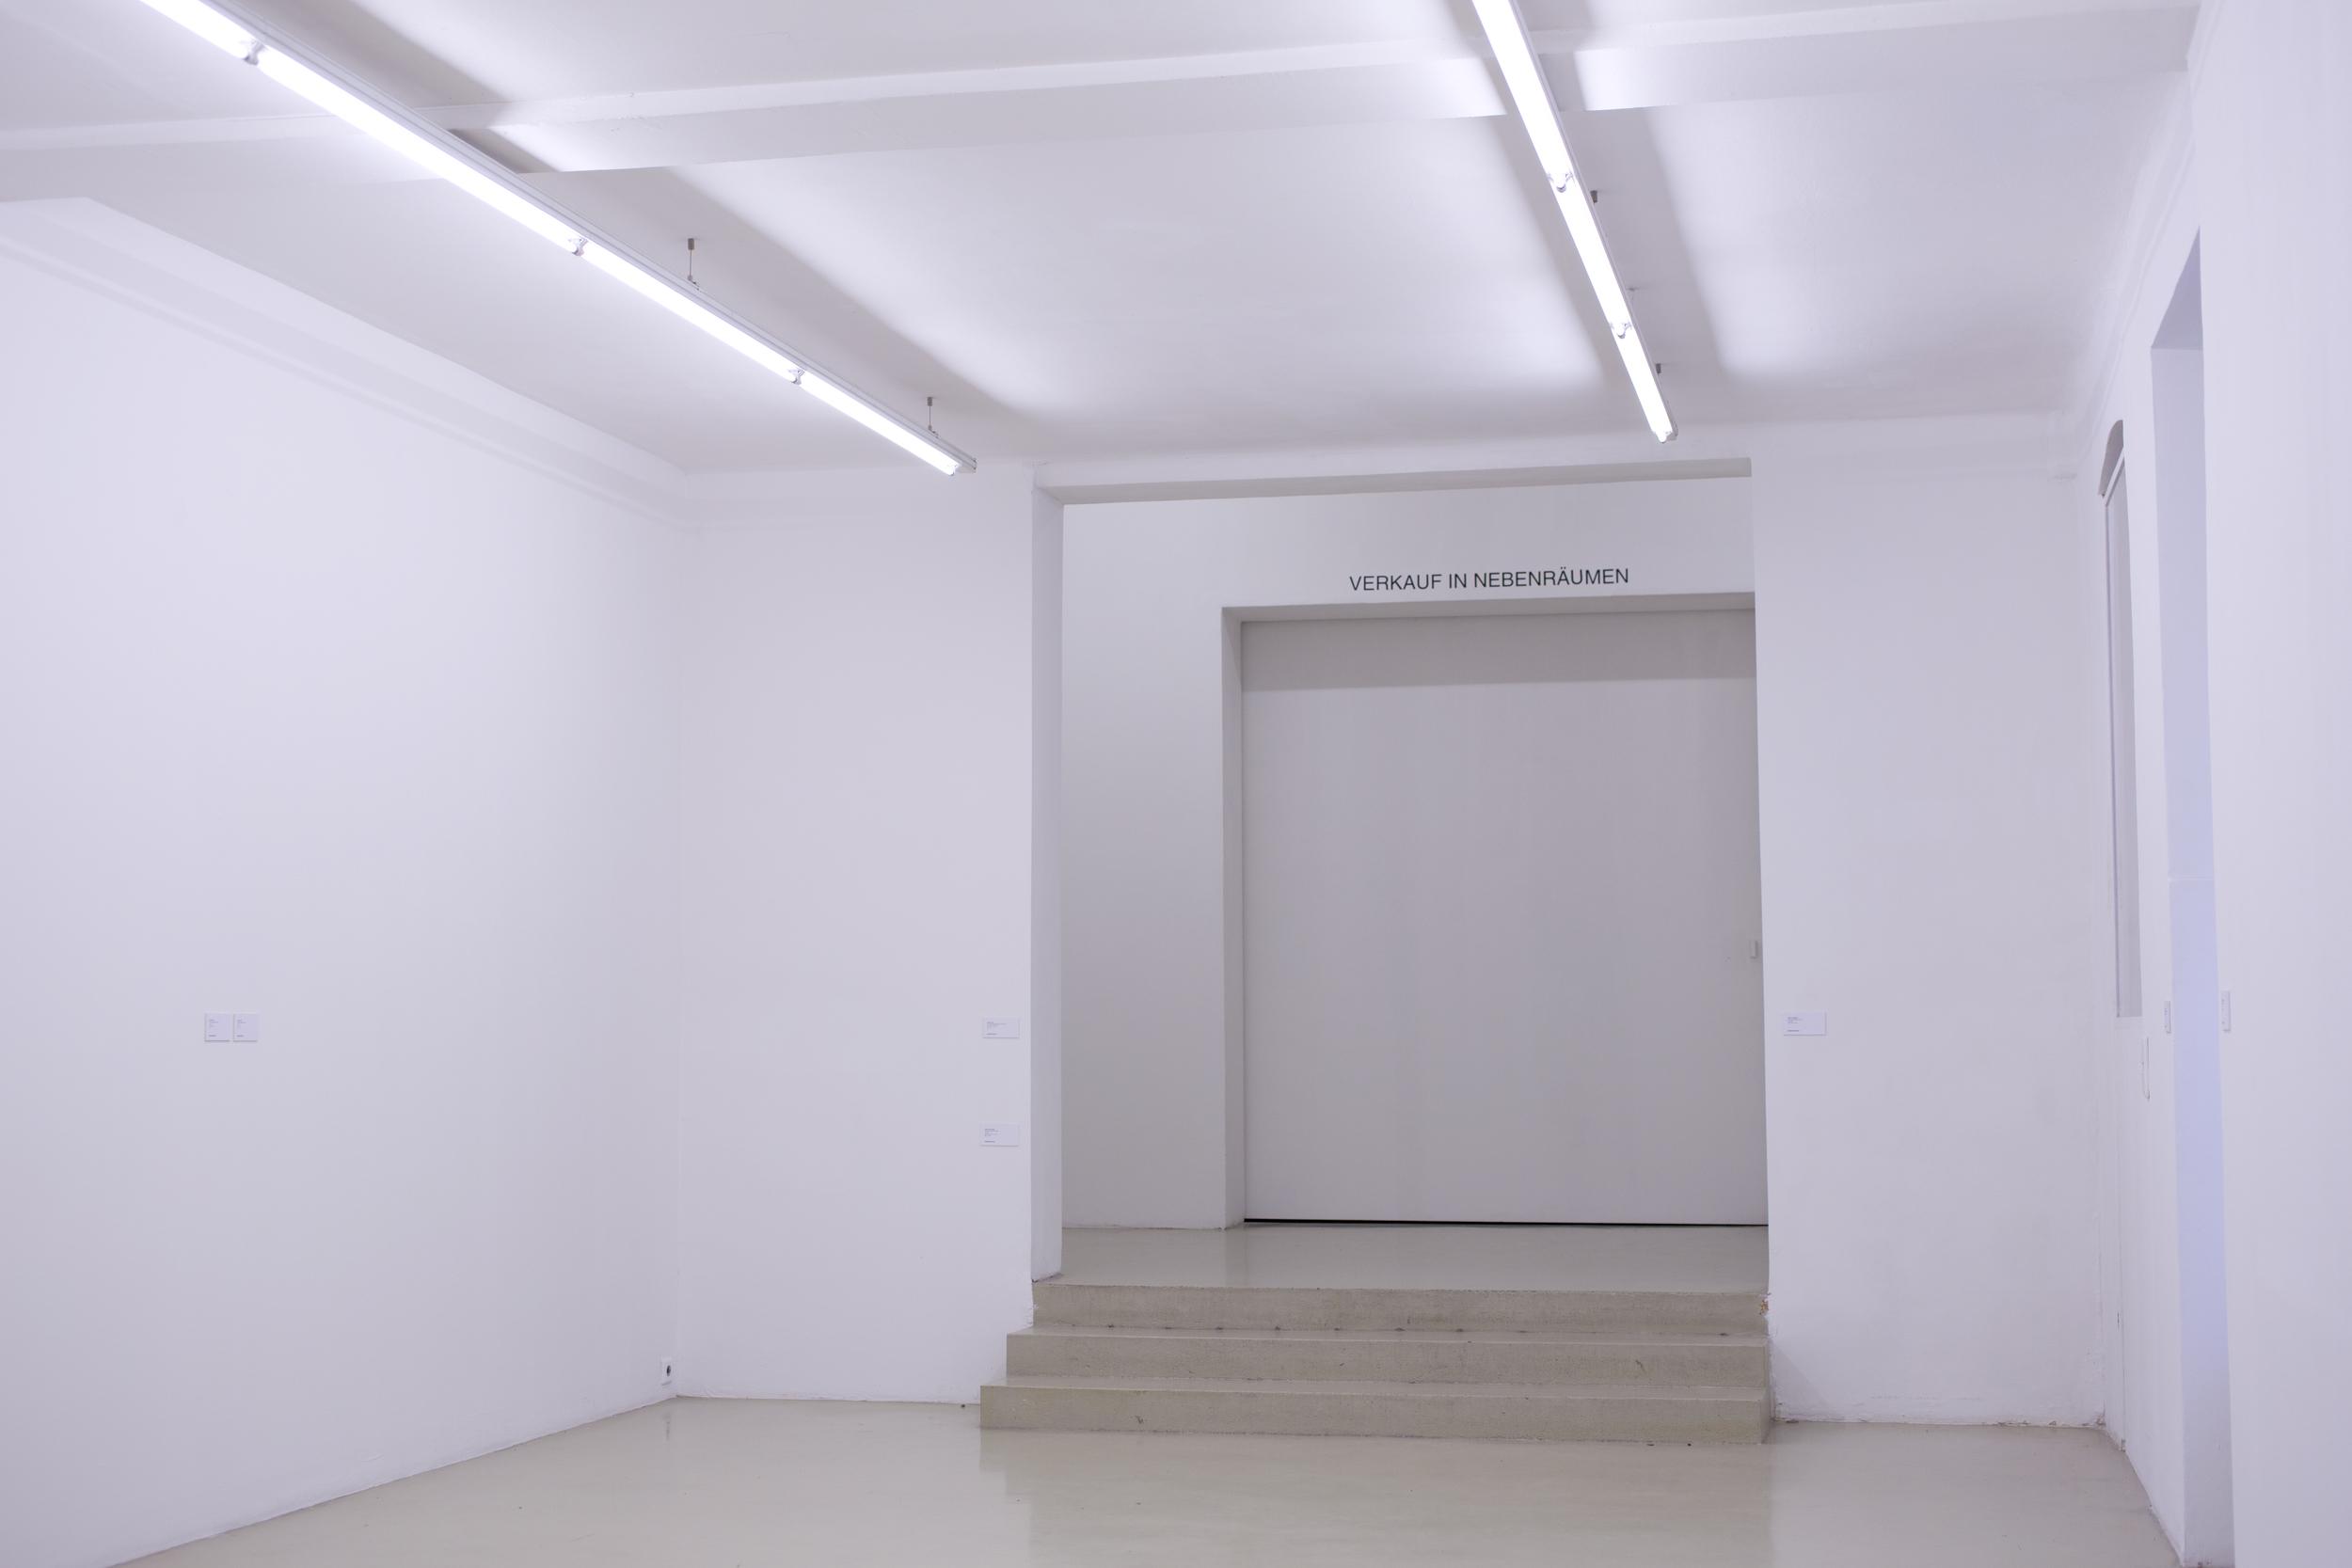 Krinzinger Projekte, Ausstellungsansicht, Verkauf in Nebenräumen, 2015. Foto: Jasha Greenberg.